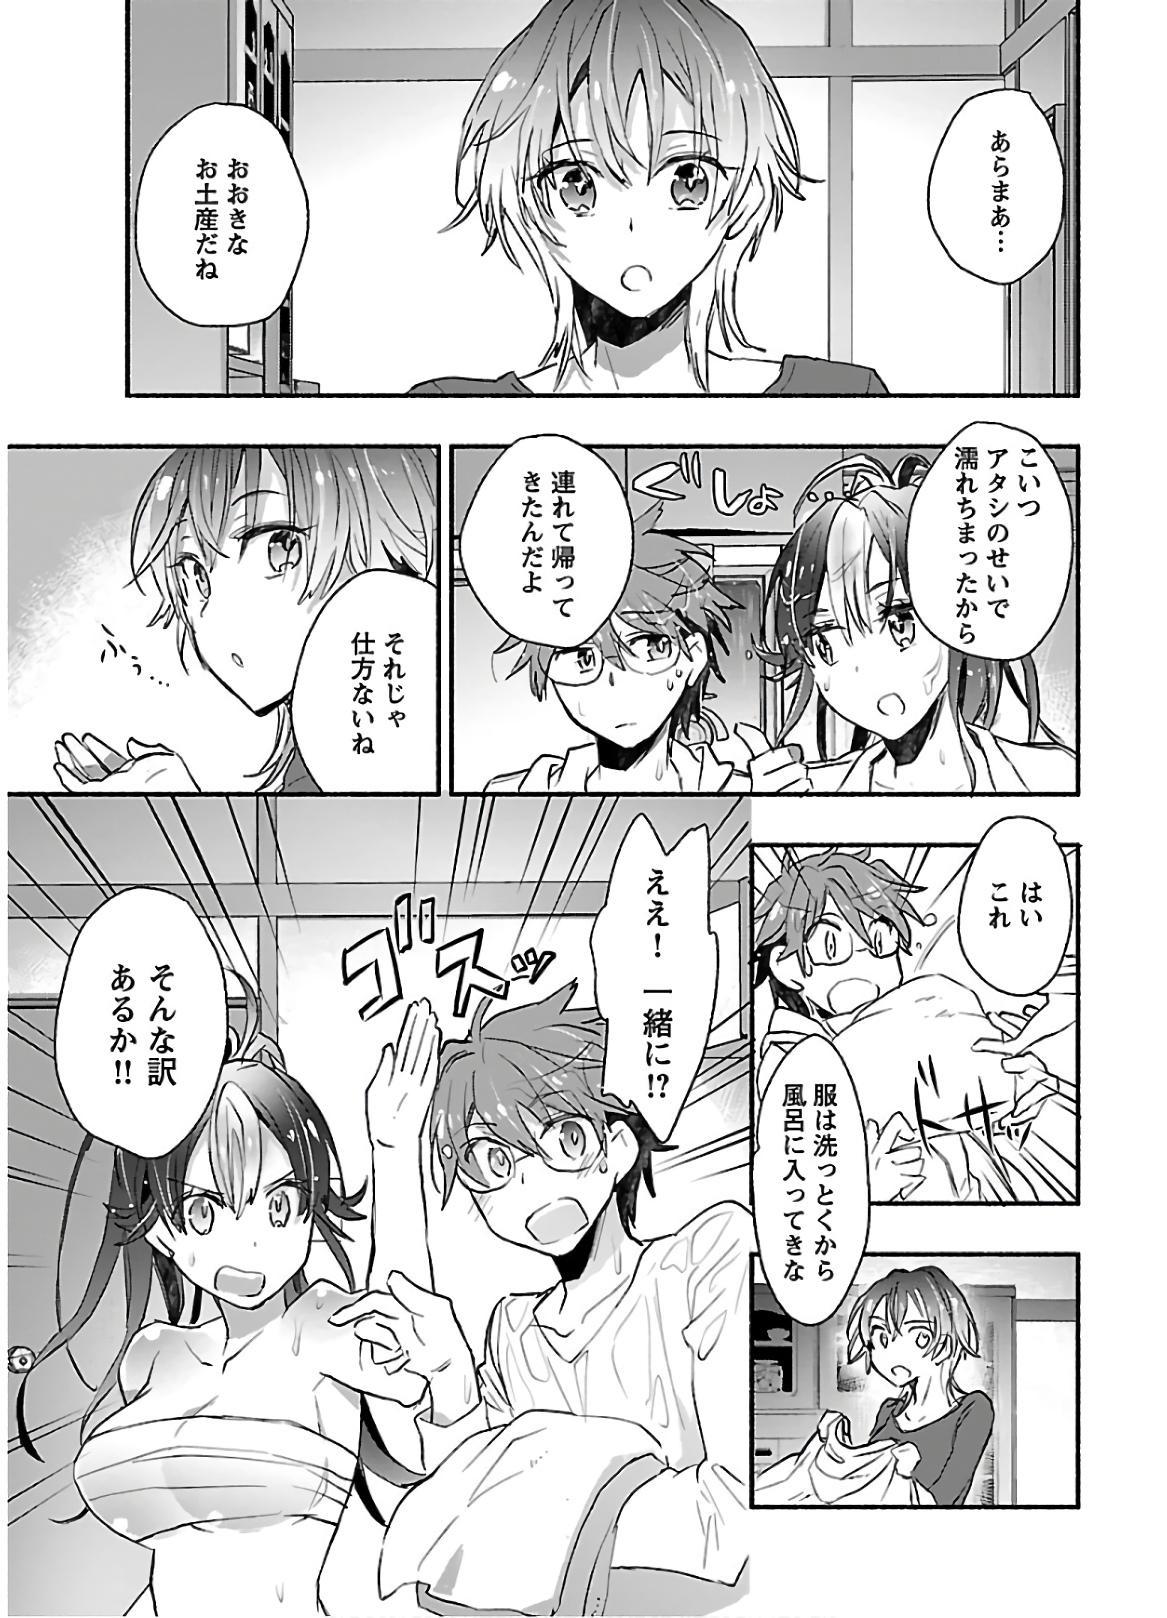 Yankii musume ni natsukarete kotoshi mo juken ni shippai shisou desu  vol.1 124